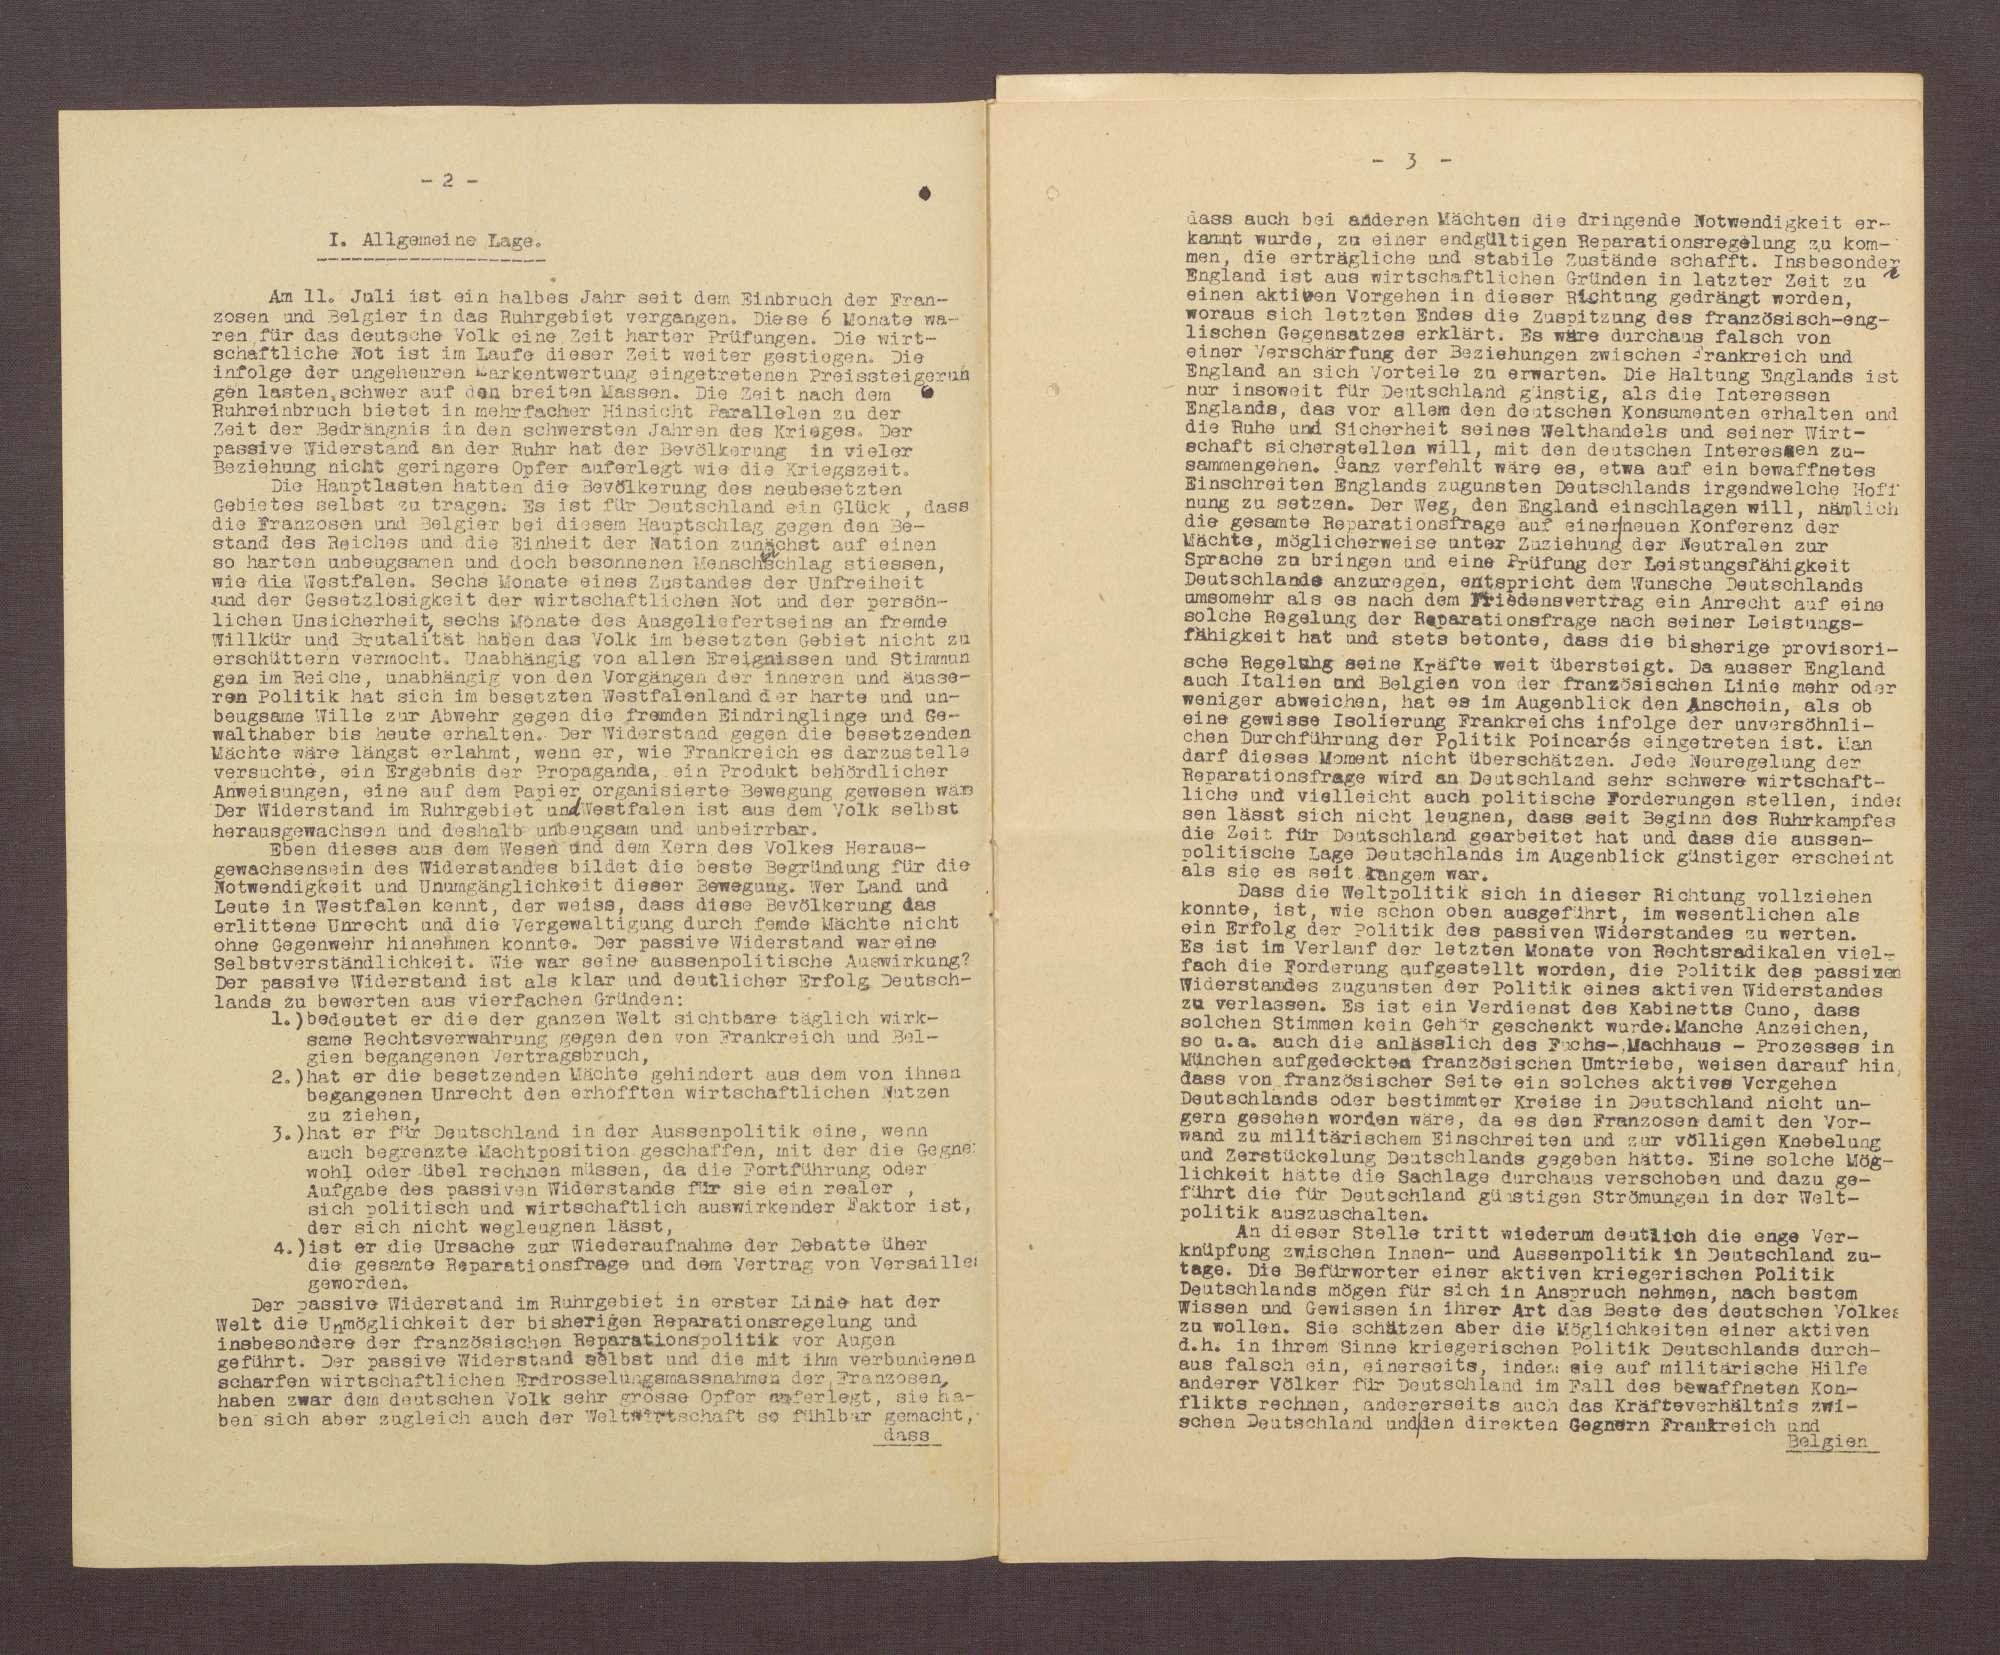 Lageberichte des Reichskommissars für Überwachung der öffentlichen Ordnung, Nr. 94, Bild 2